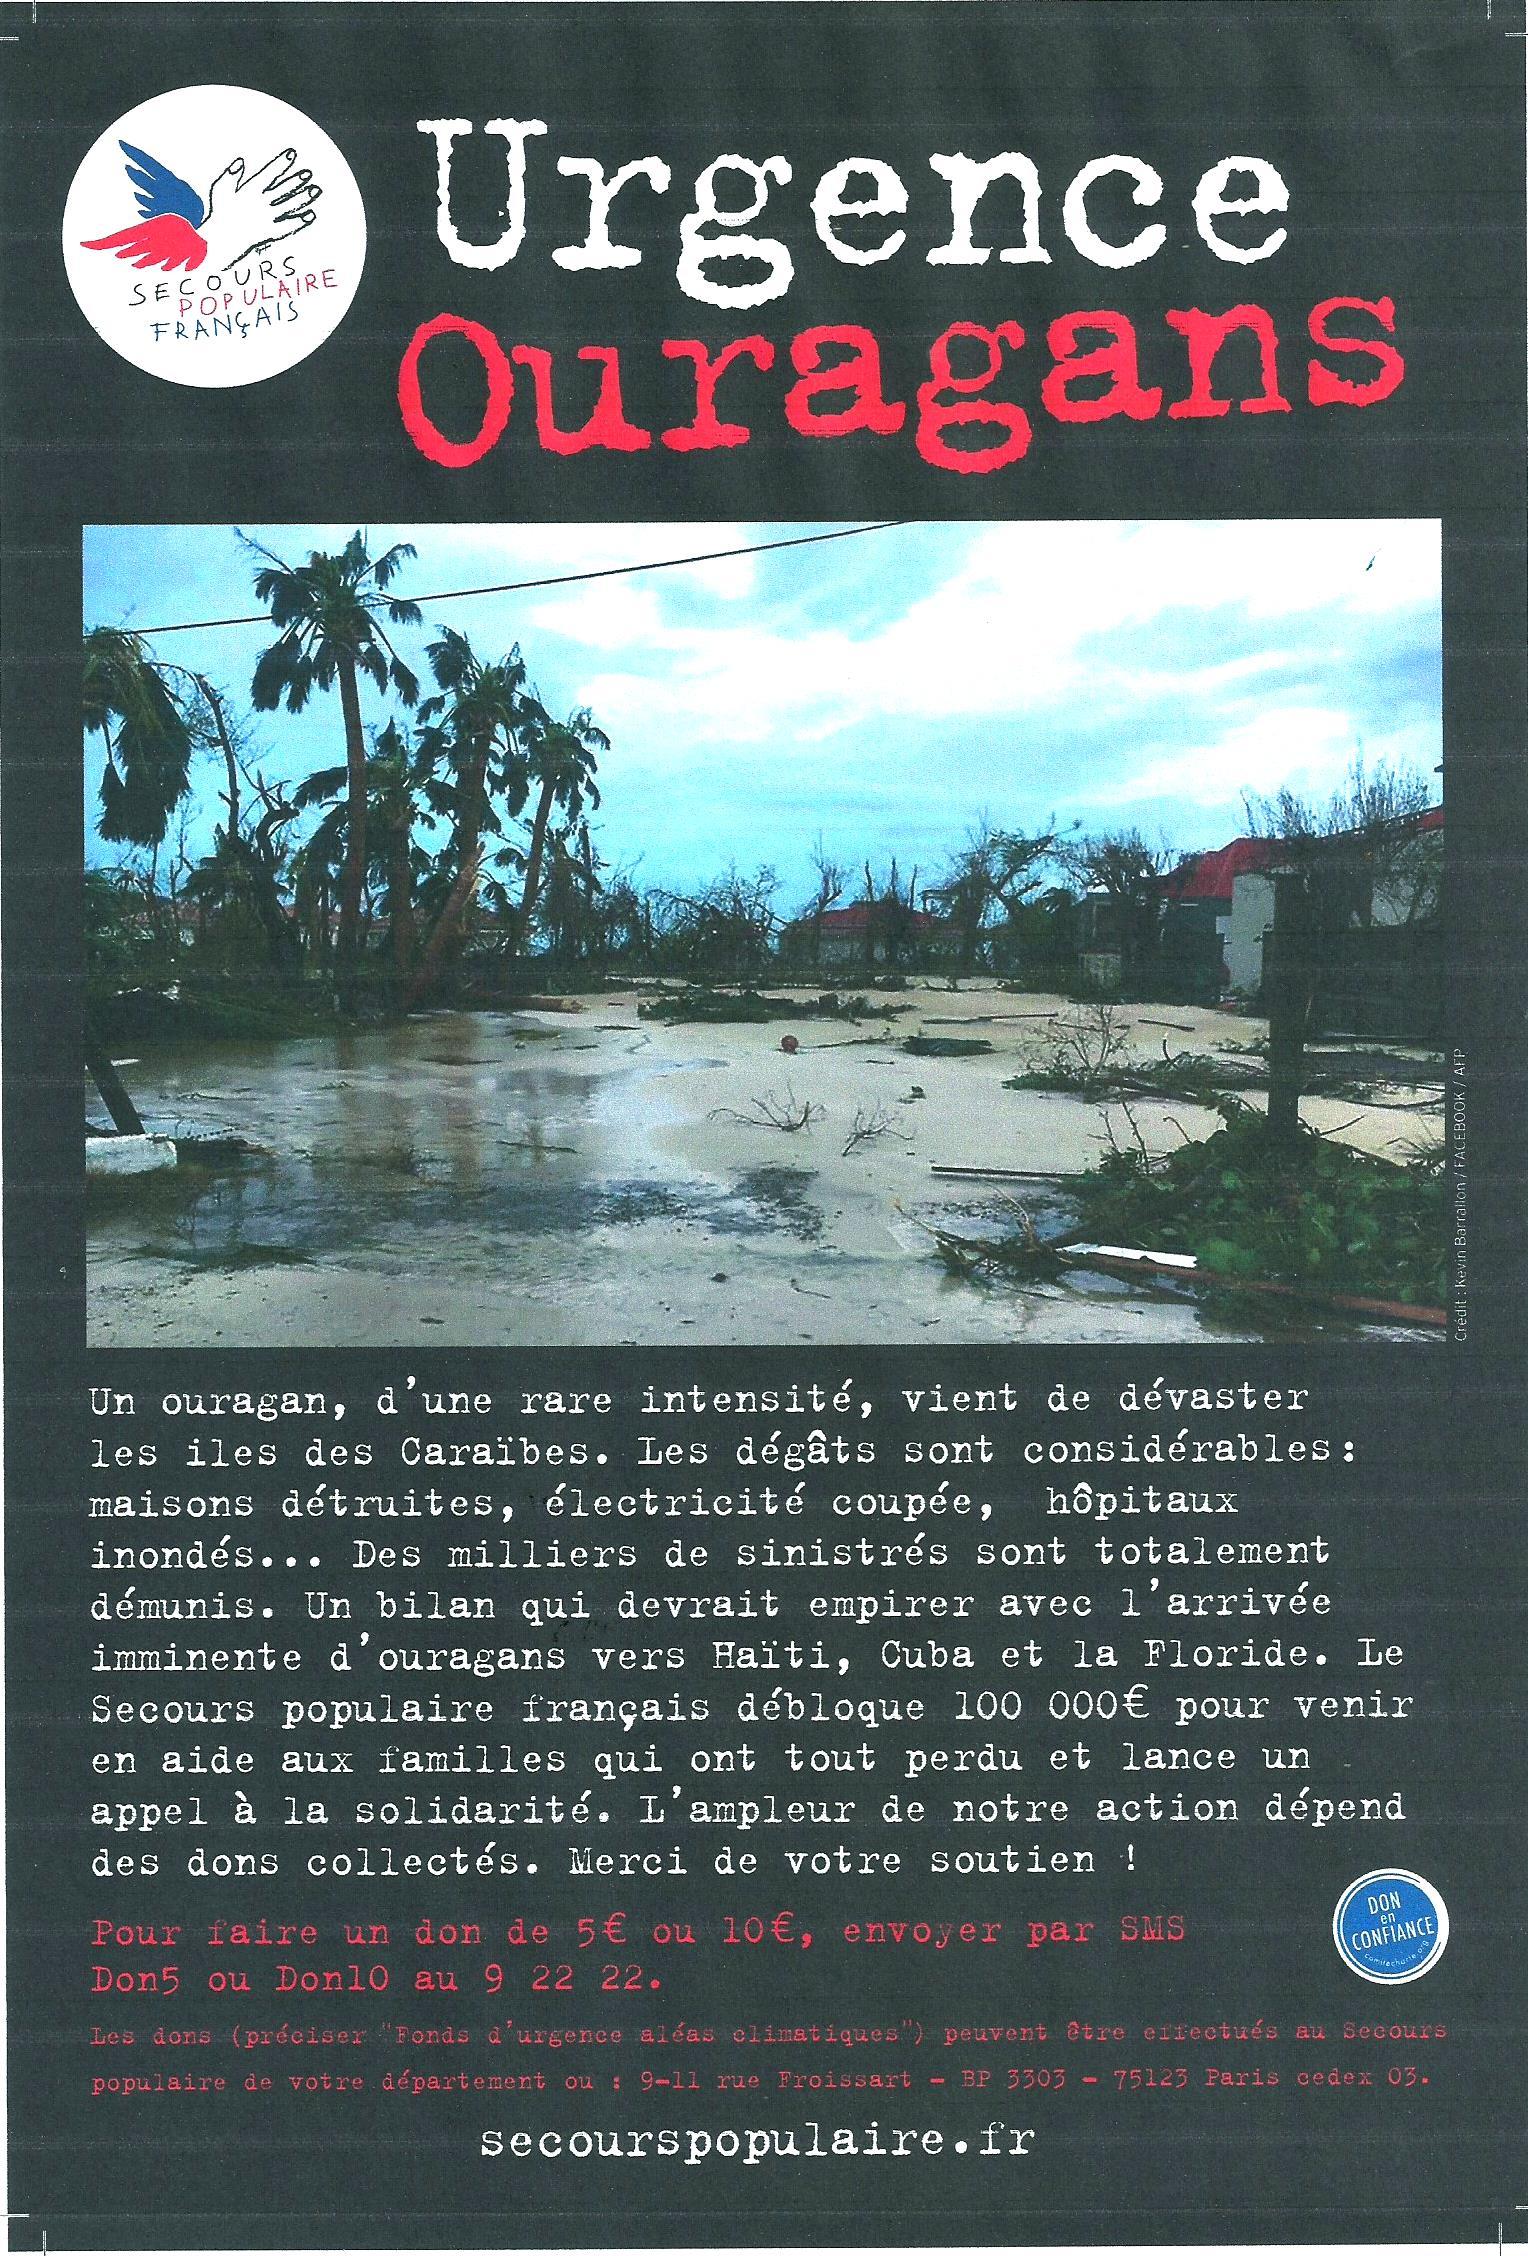 Scan Affiche SPF 45  Urgence Ouragans 2017 (07.09.2017).jpg